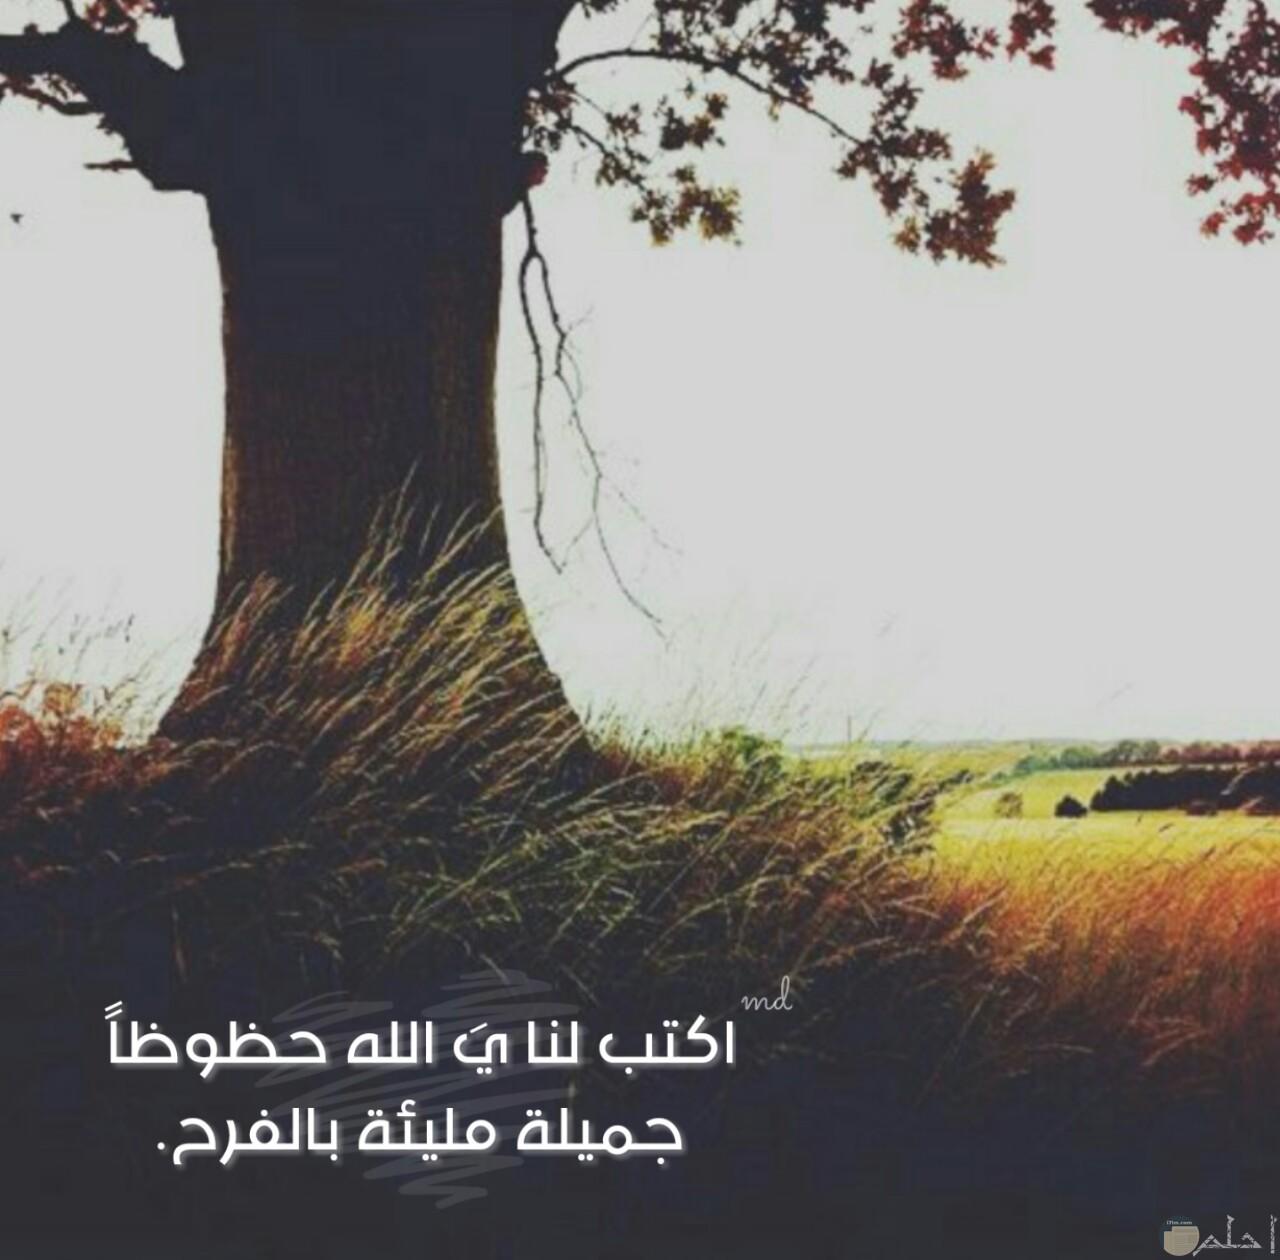 يارب اكتب لنا الفرح